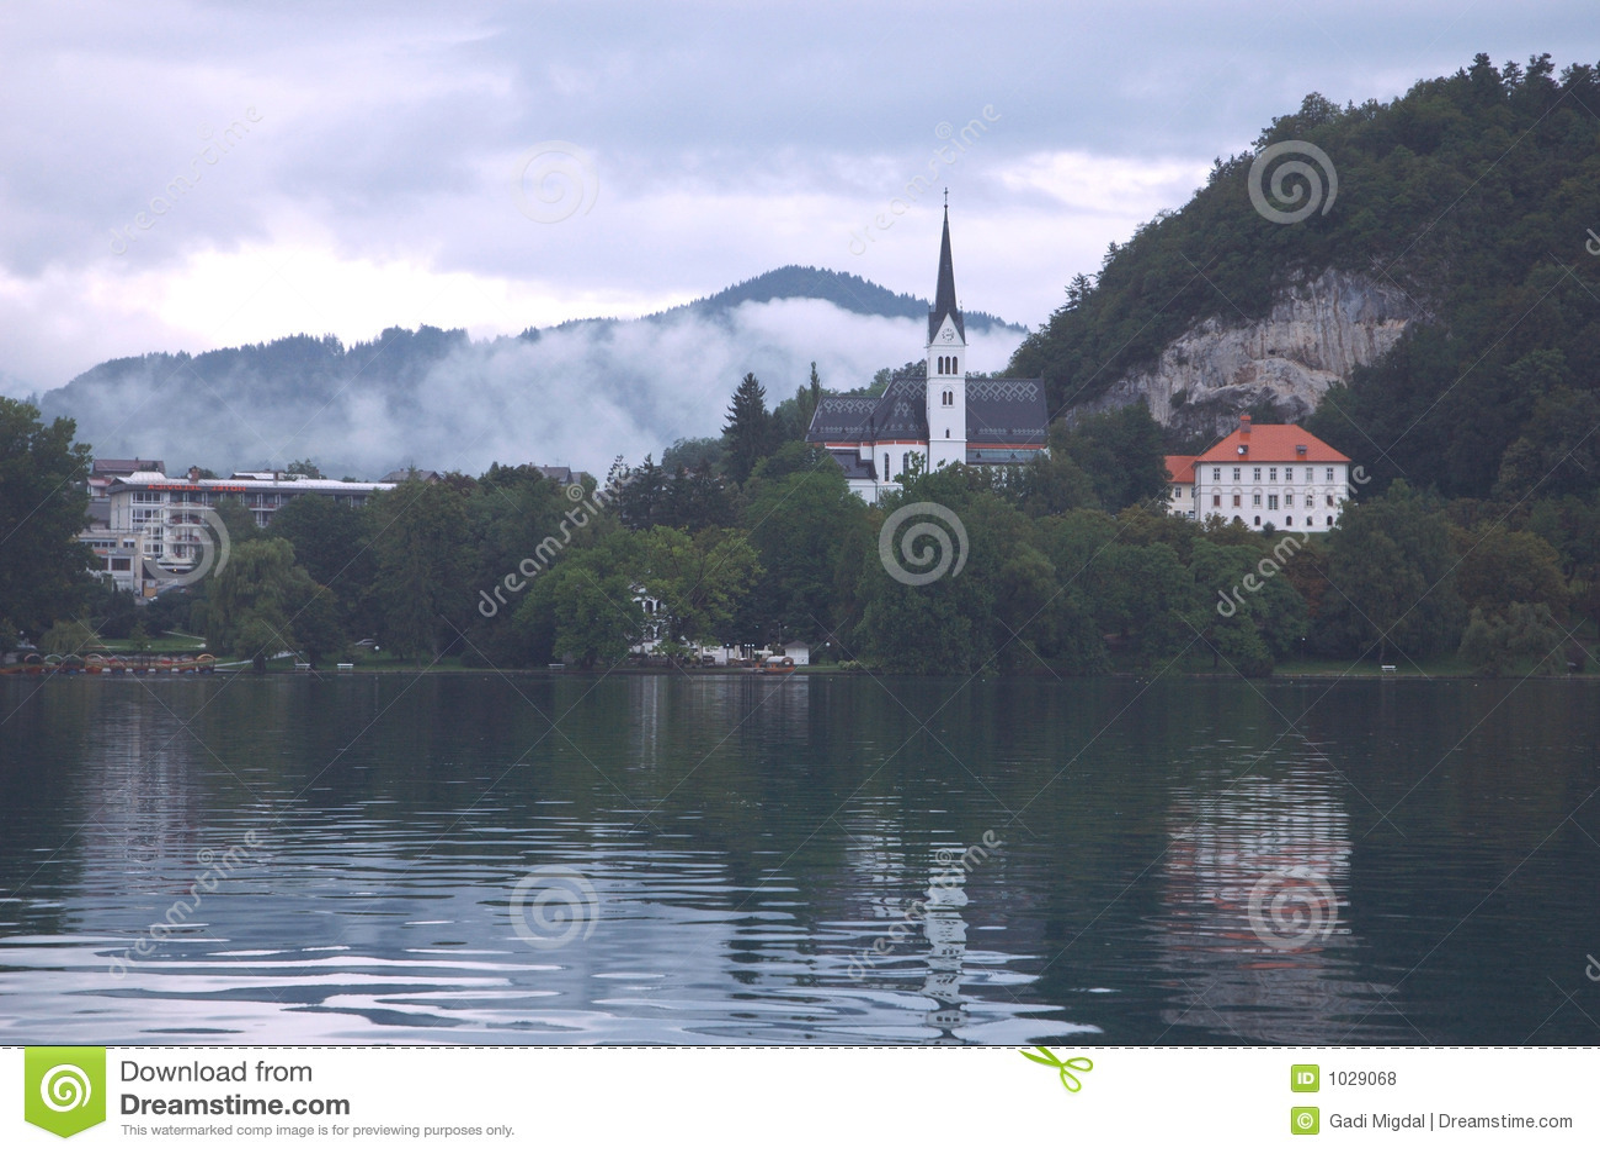 Kościół się nad jezioro.